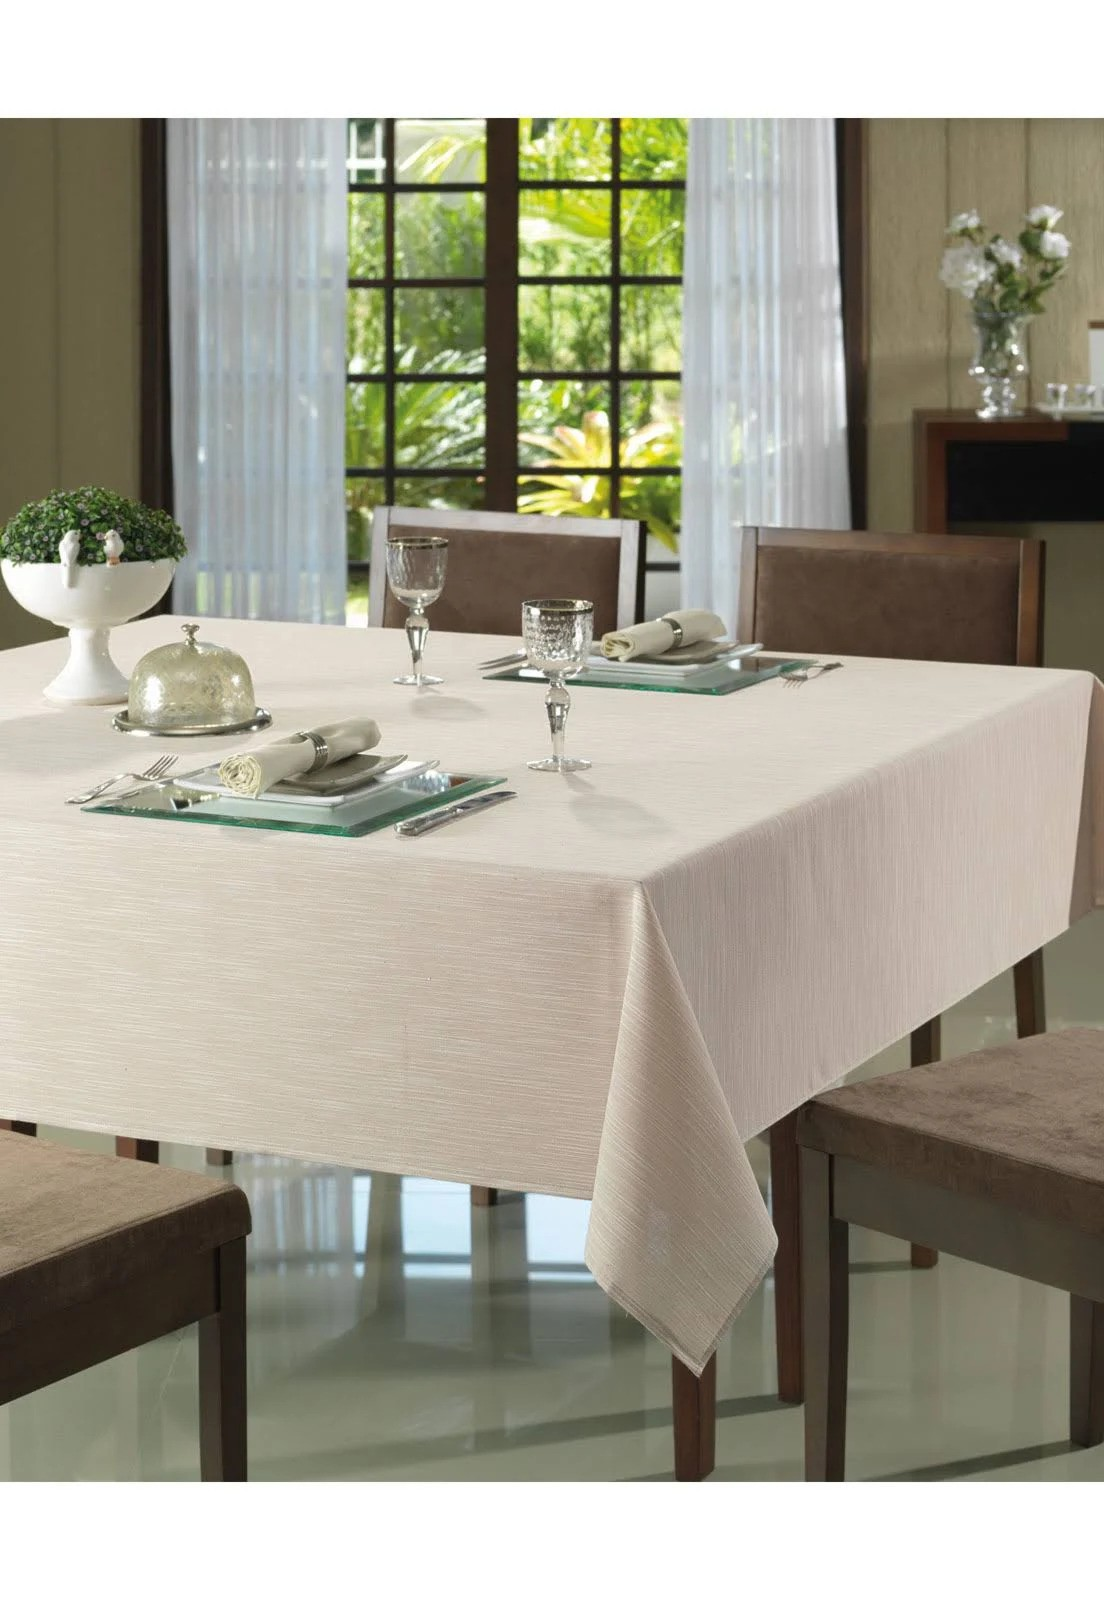 Toalha de mesa Clean Passion 160x160 - Bege